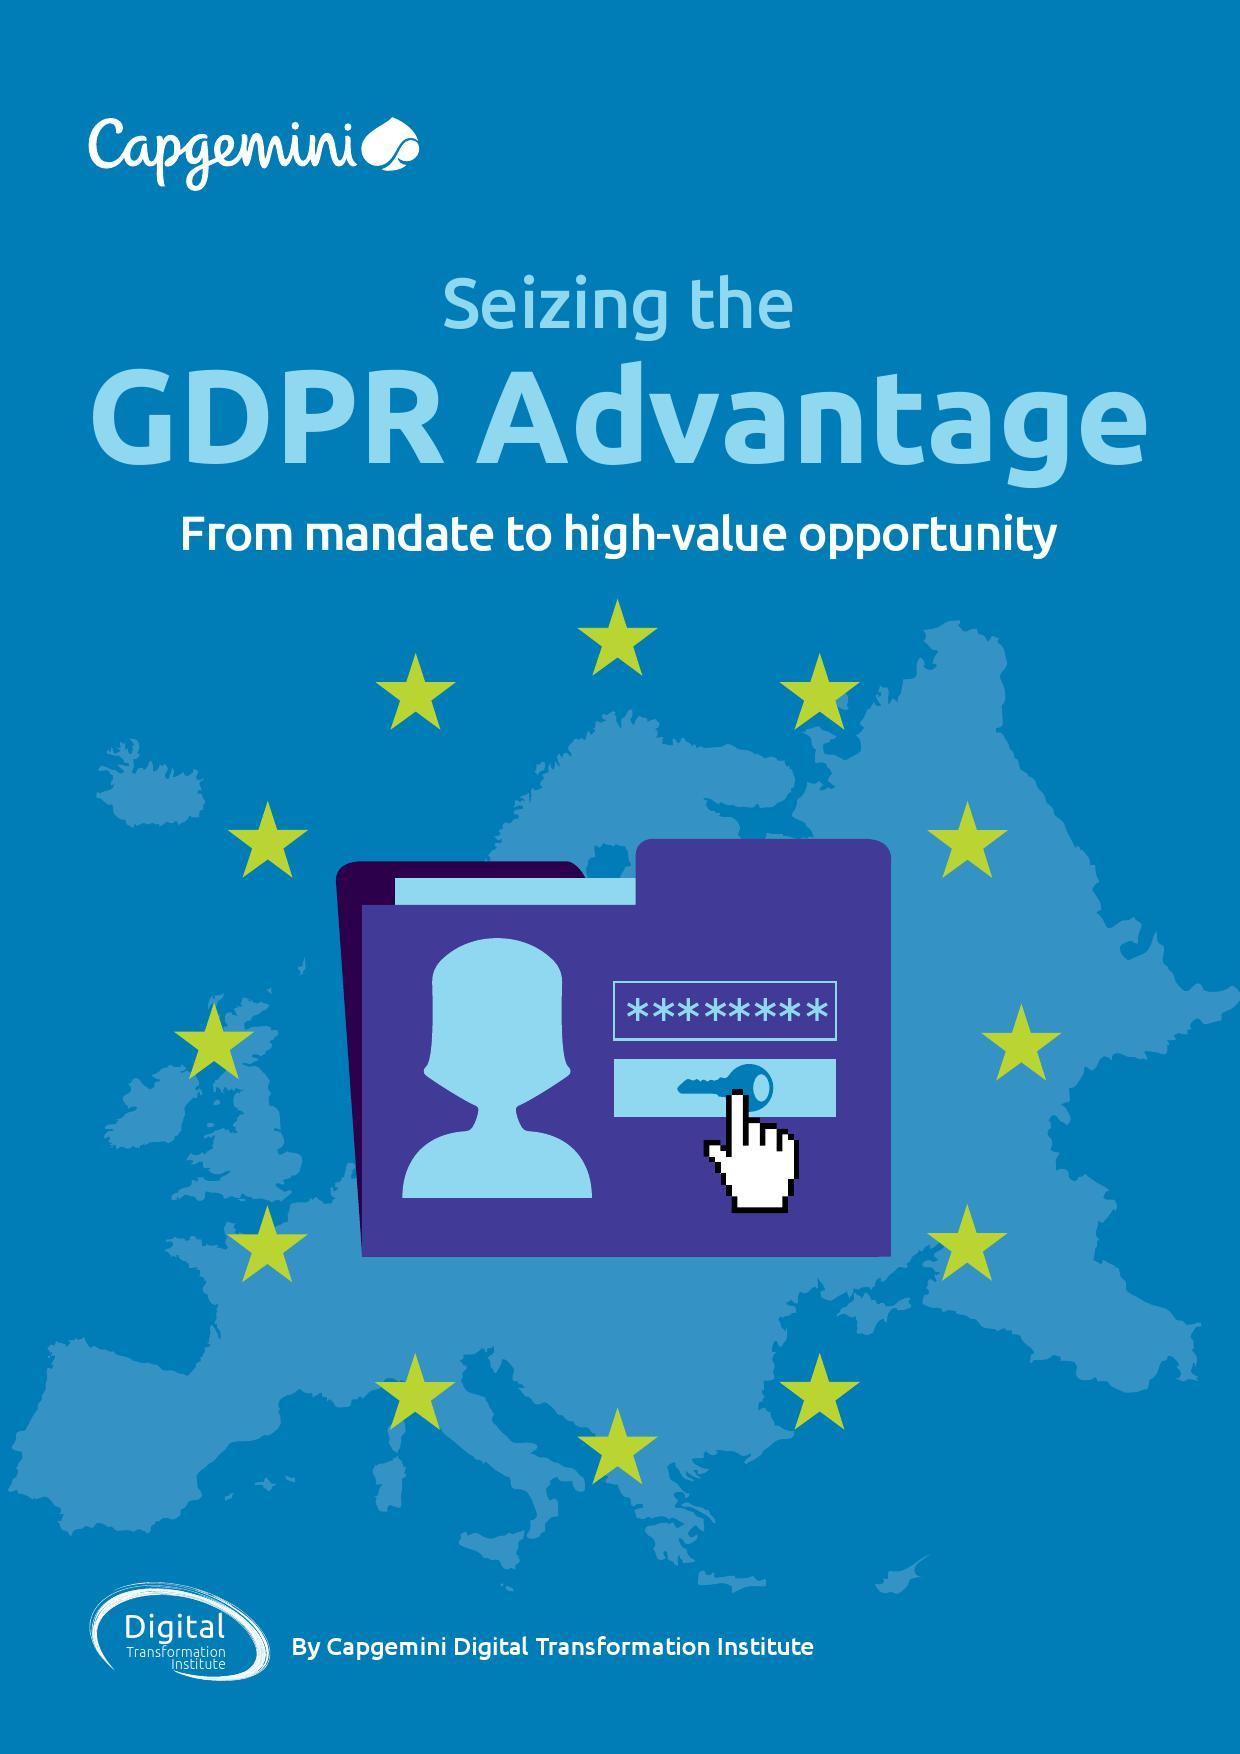 凯捷:抓住欧盟《通用数据保护条例》GDPR带来的先机